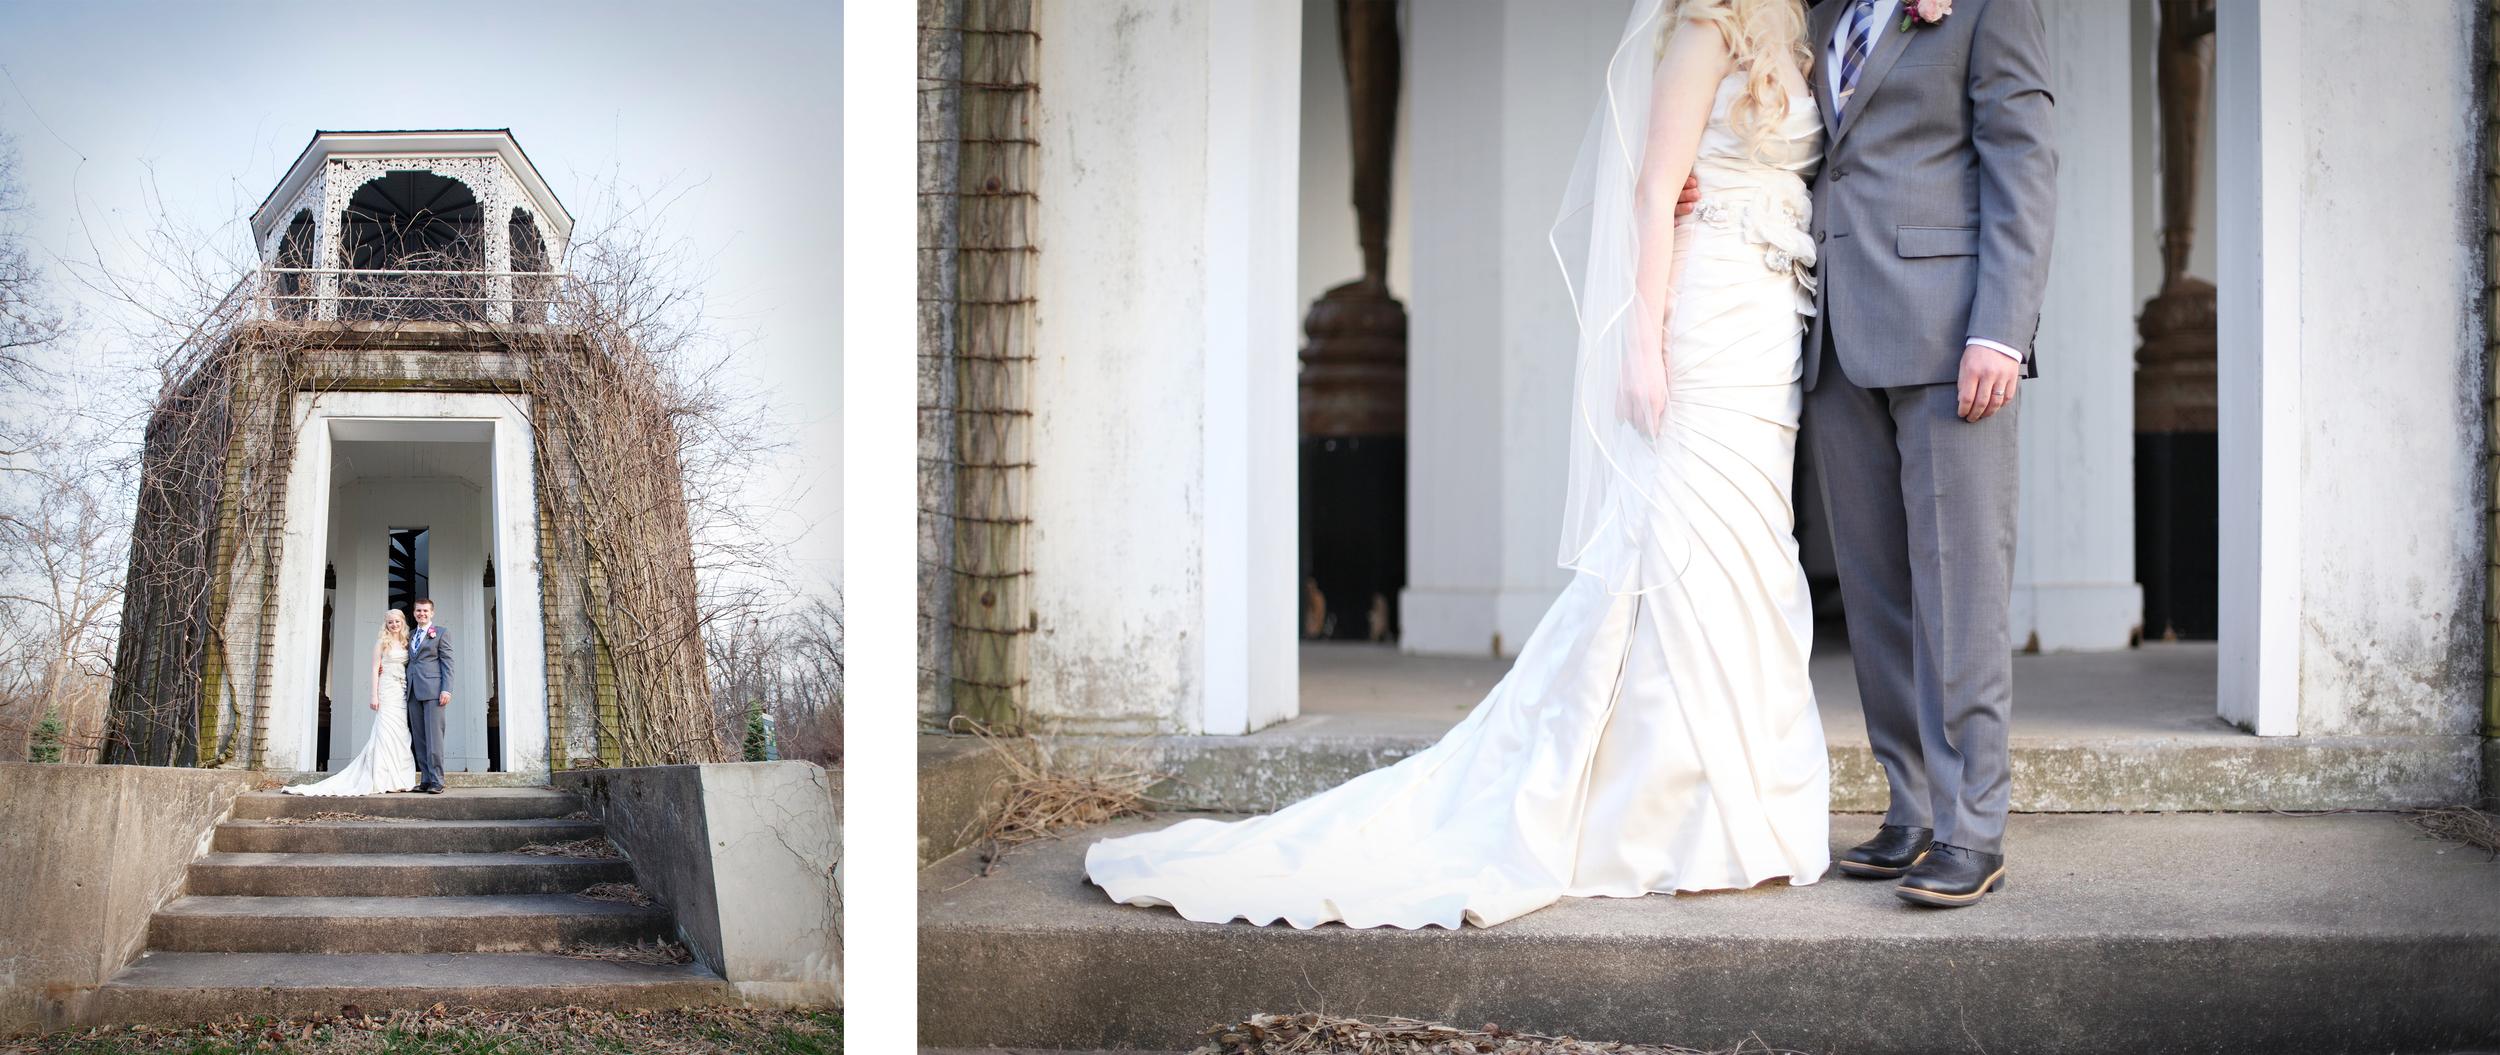 bride_groom_wedding_tower.jpg